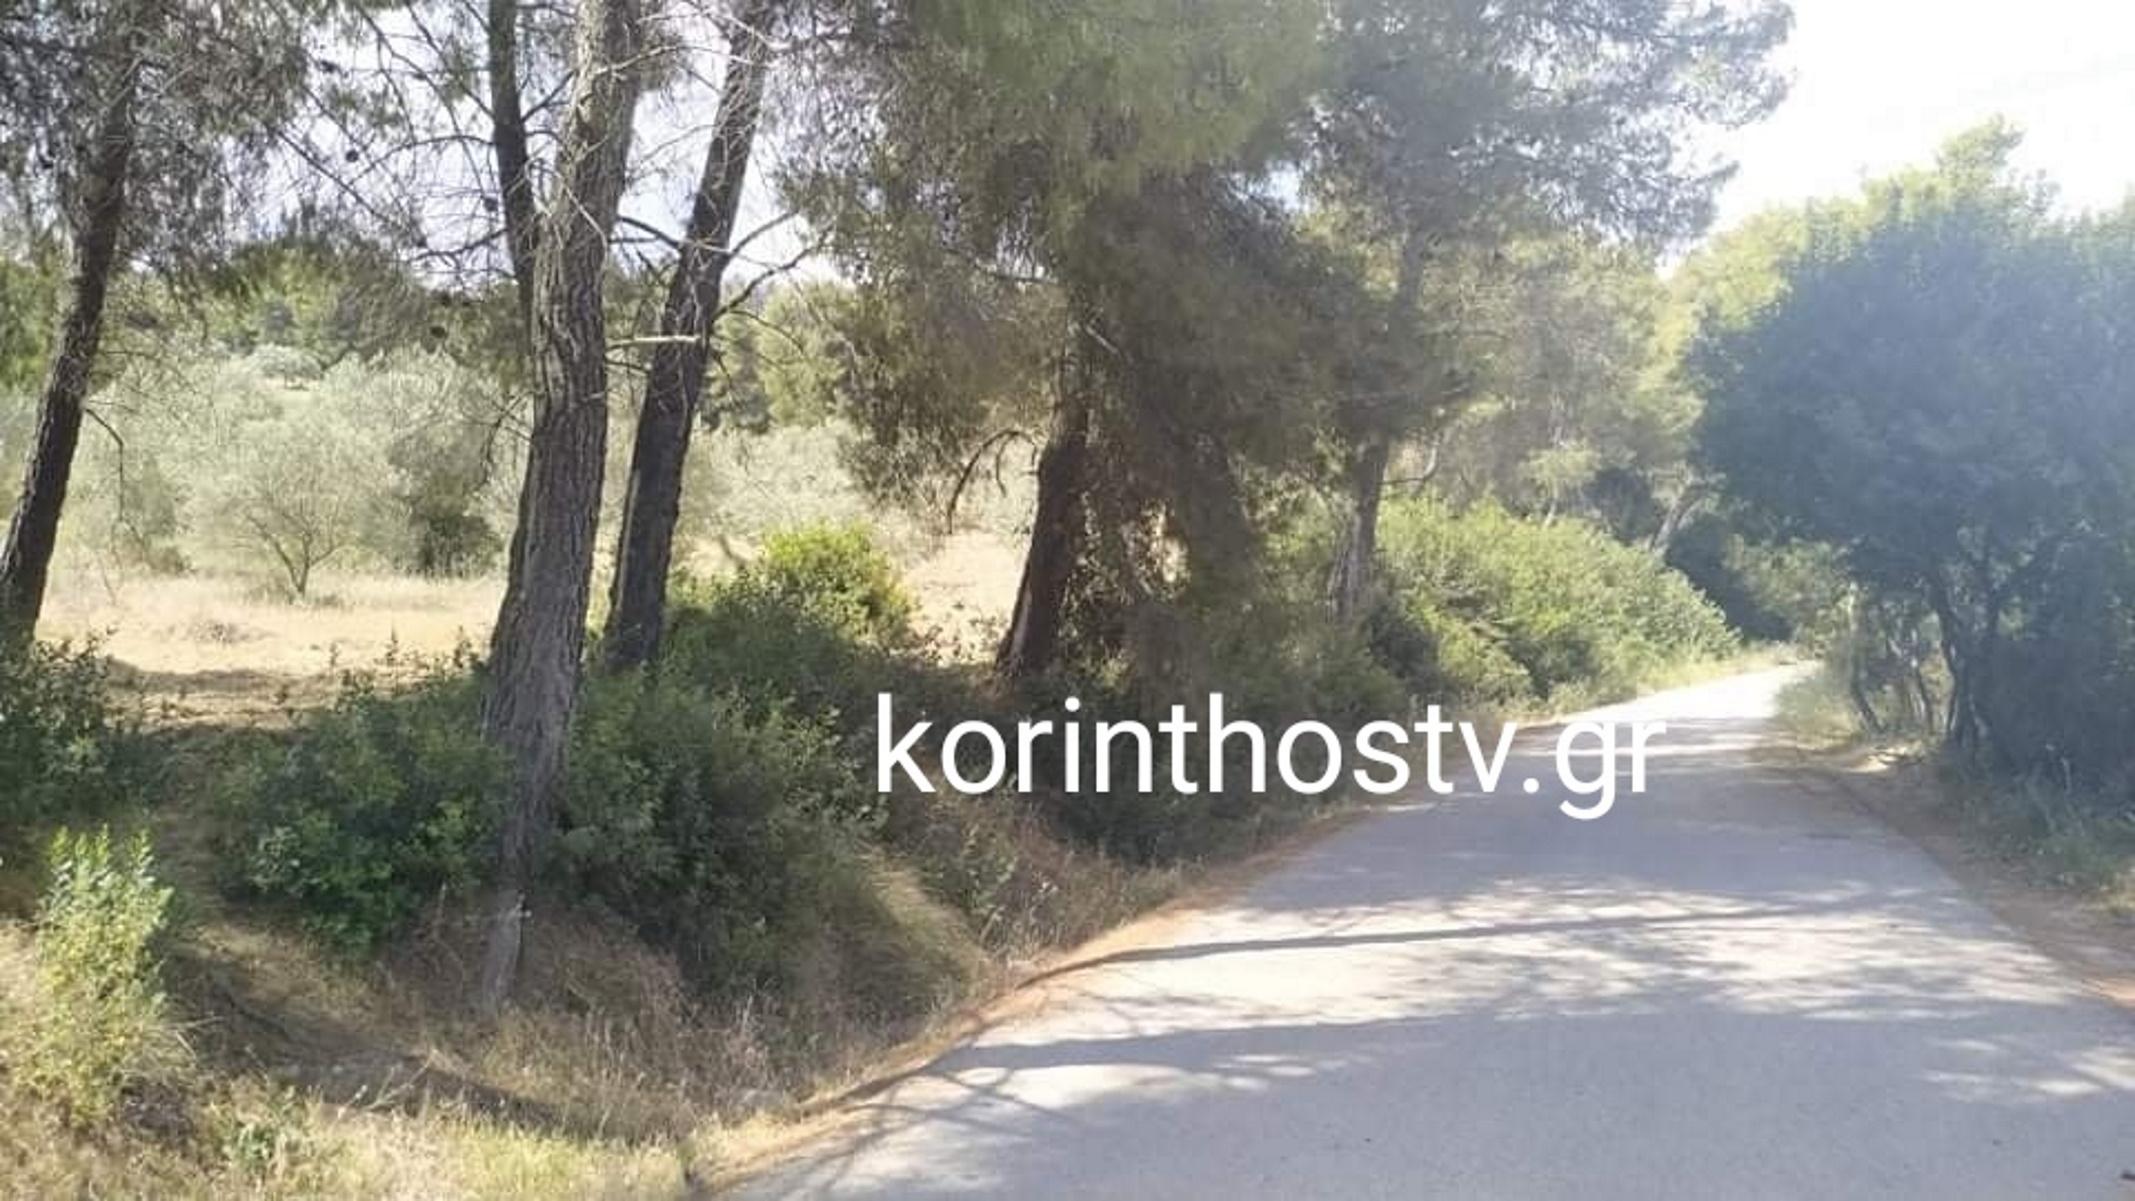 Σοκ στην Κόρινθο – 45χρονη γυναίκα βρέθηκε νεκρή στον δρόμο (pics, vid)